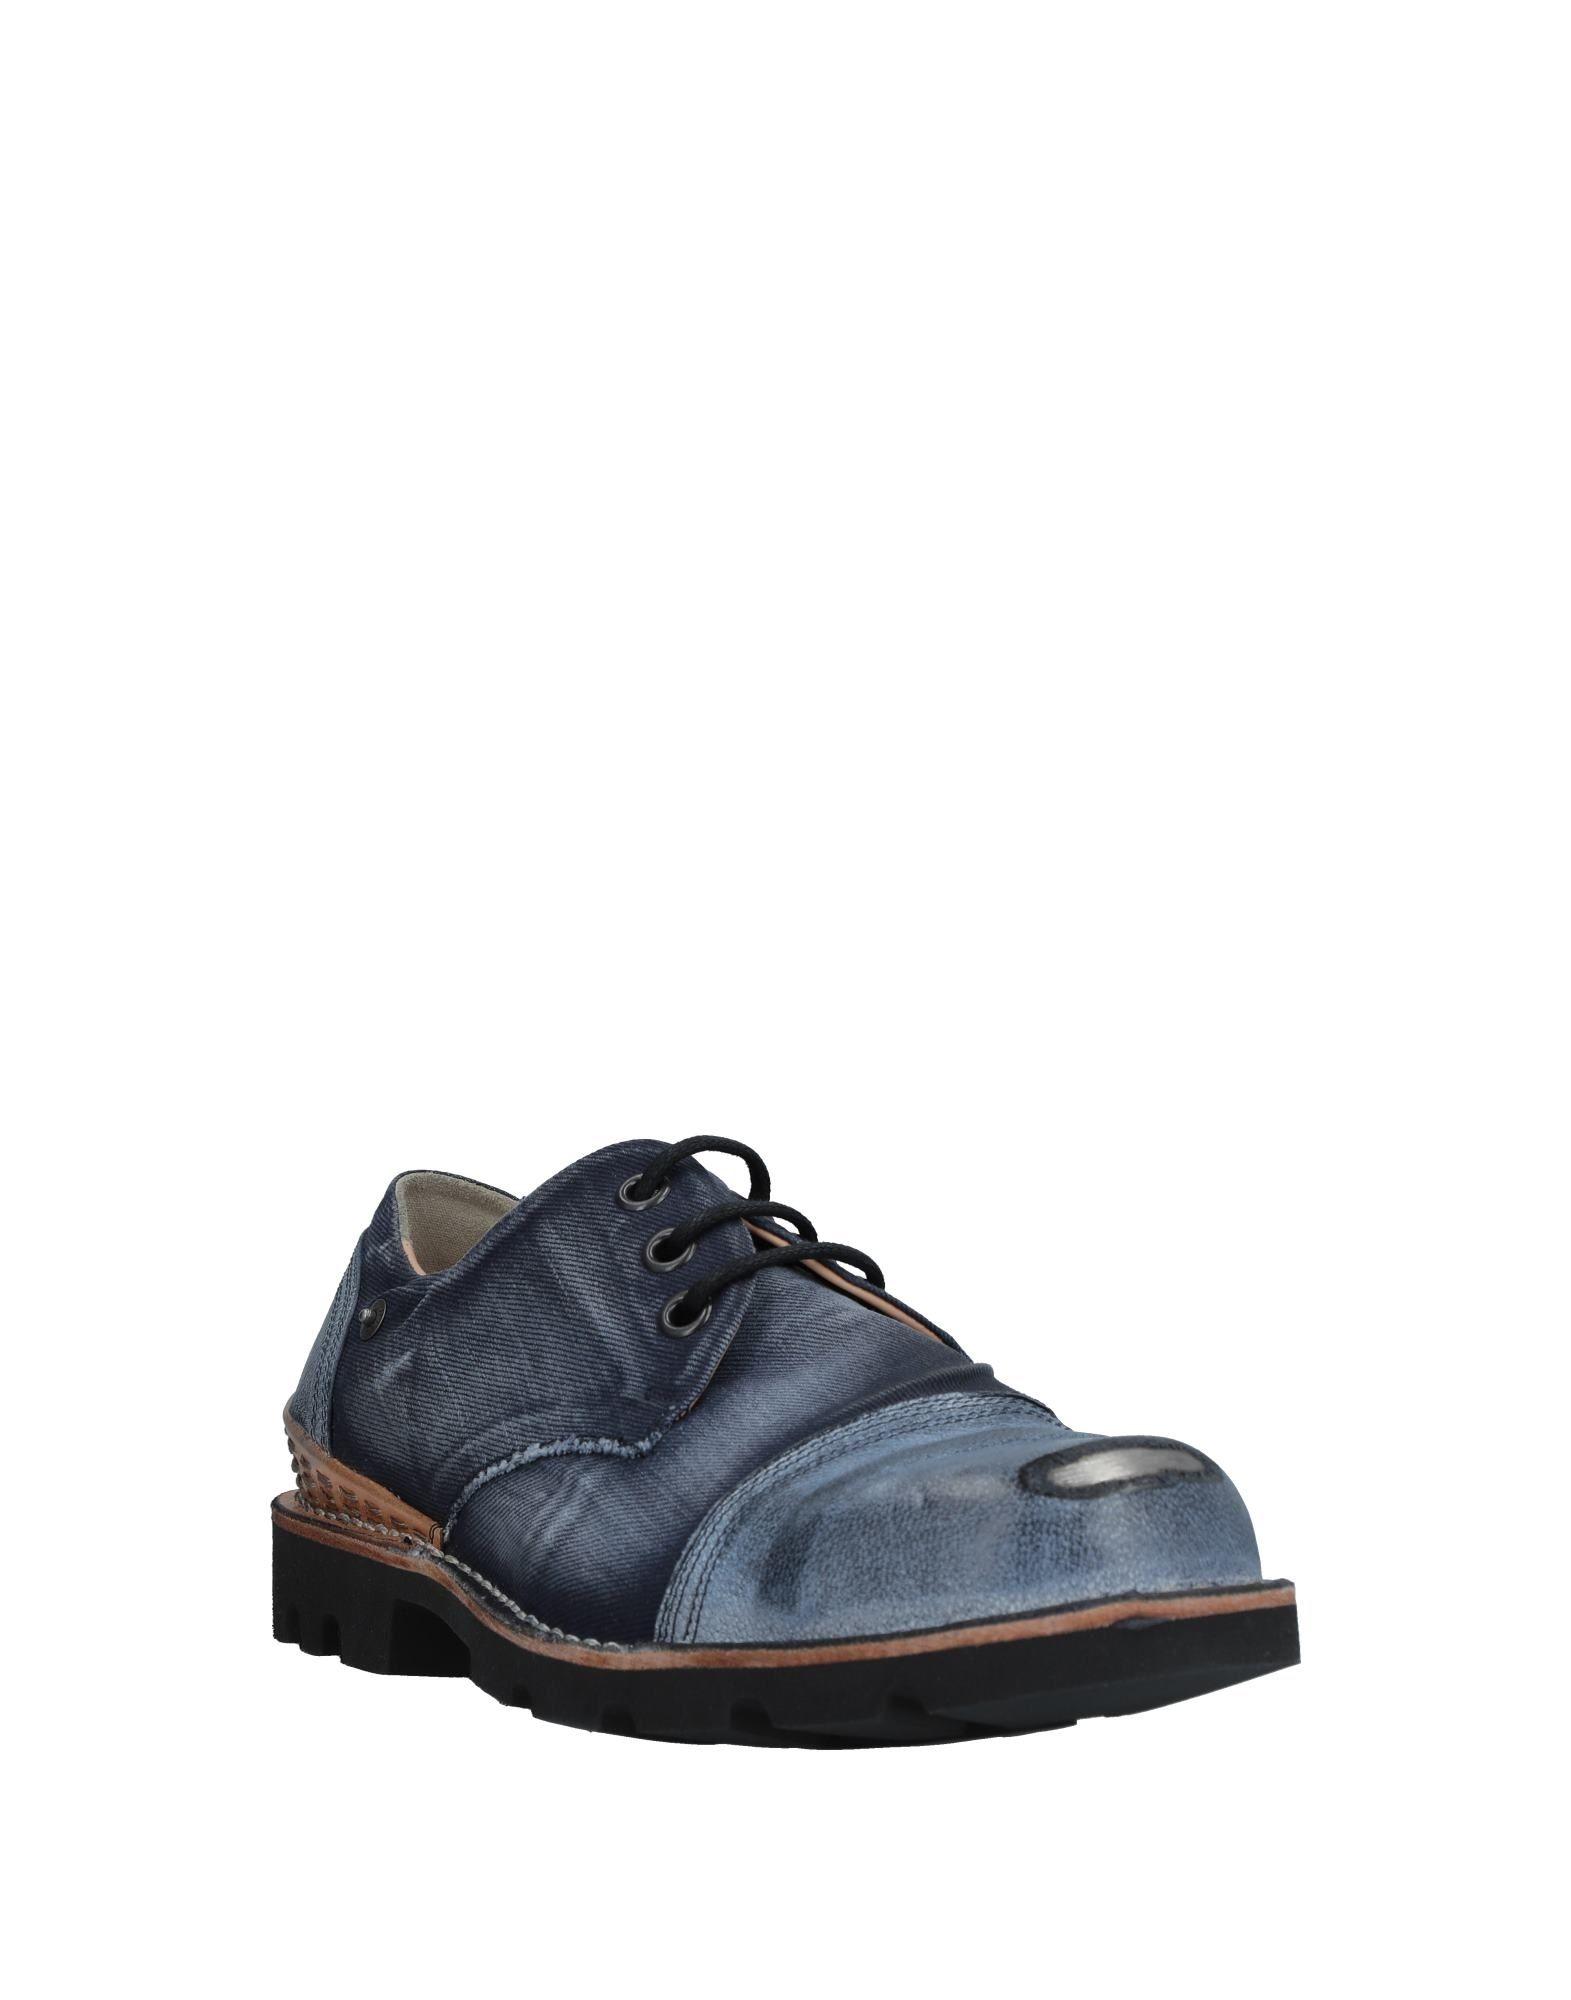 Diesel Schnürschuhe Herren  11420115QQ Gute Qualität beliebte Schuhe